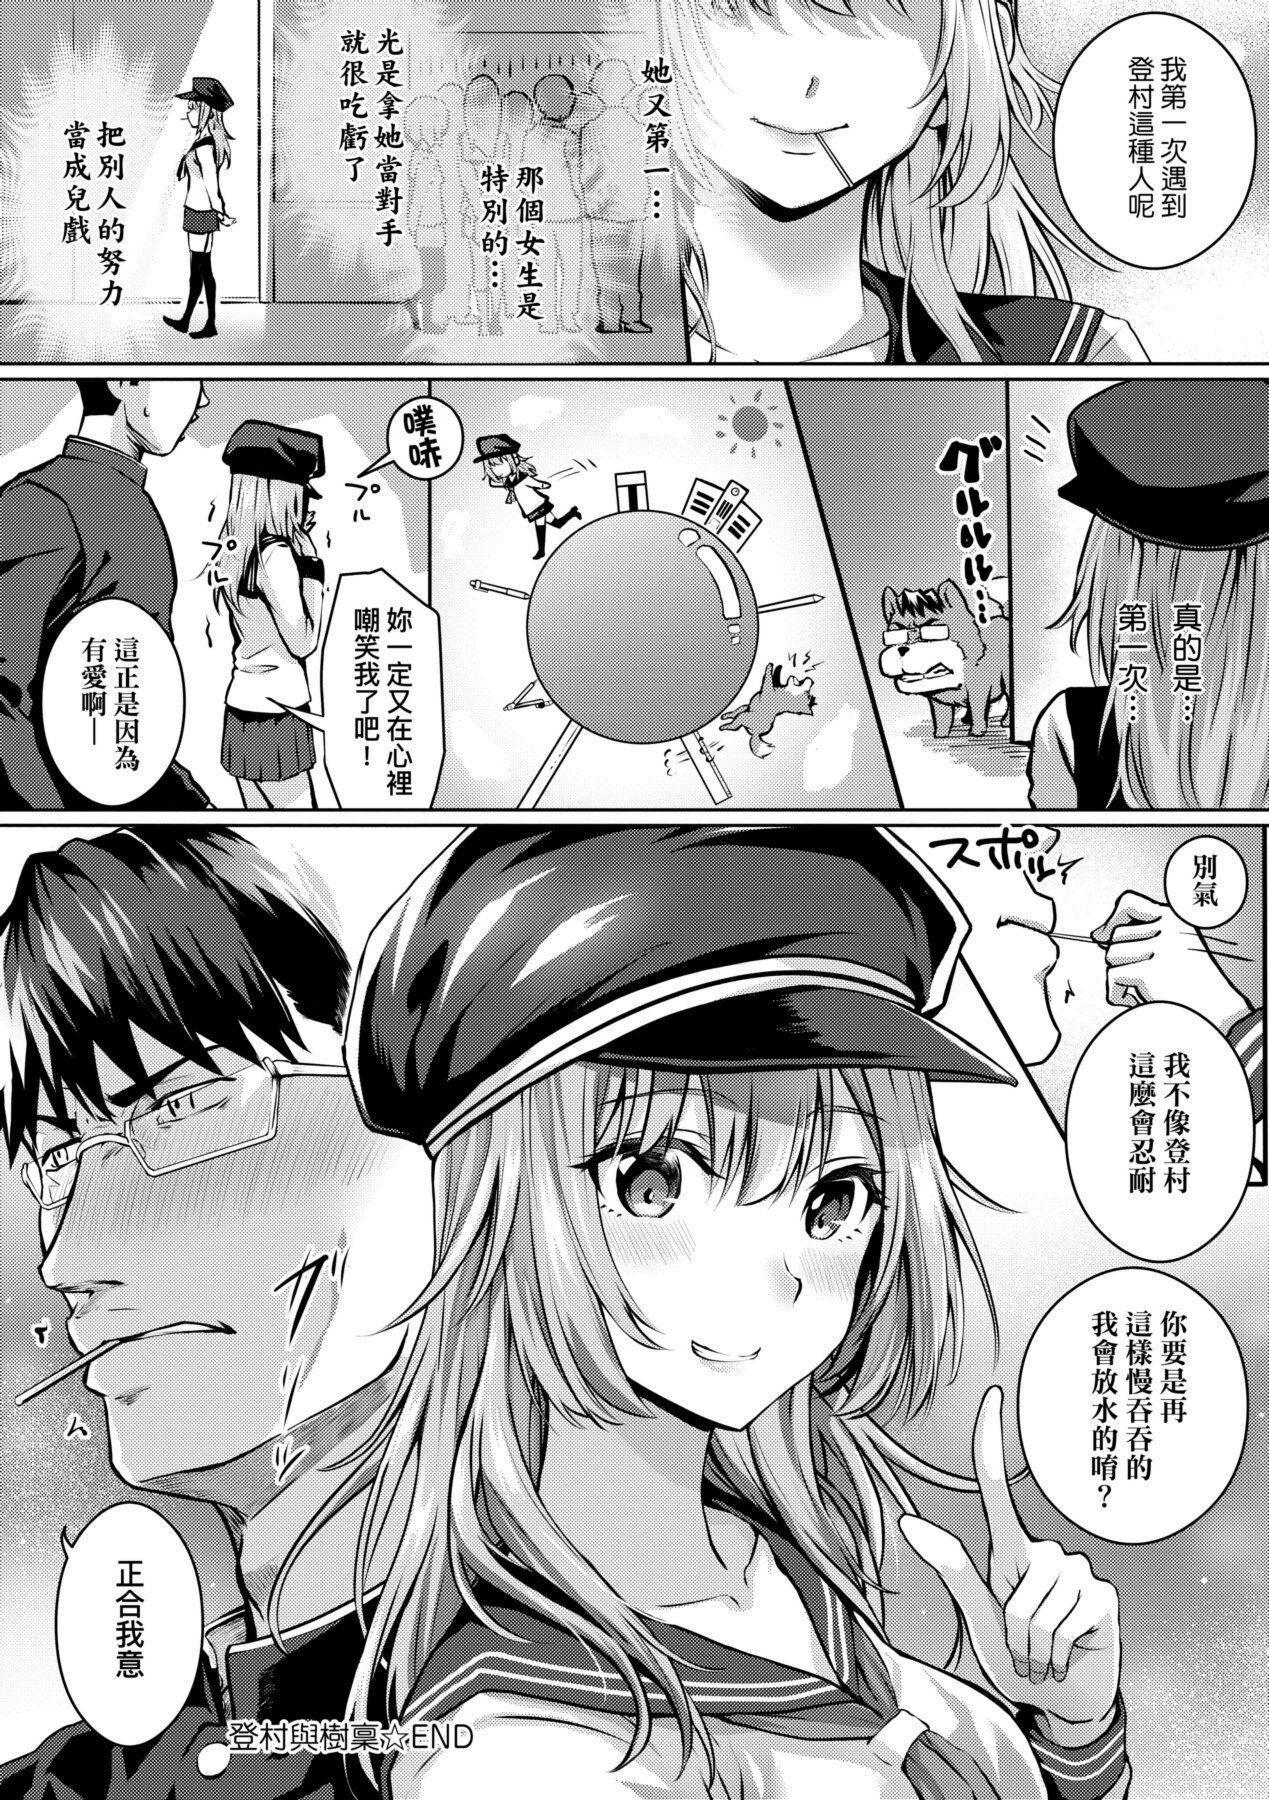 Hatsukoi Jikan. 126